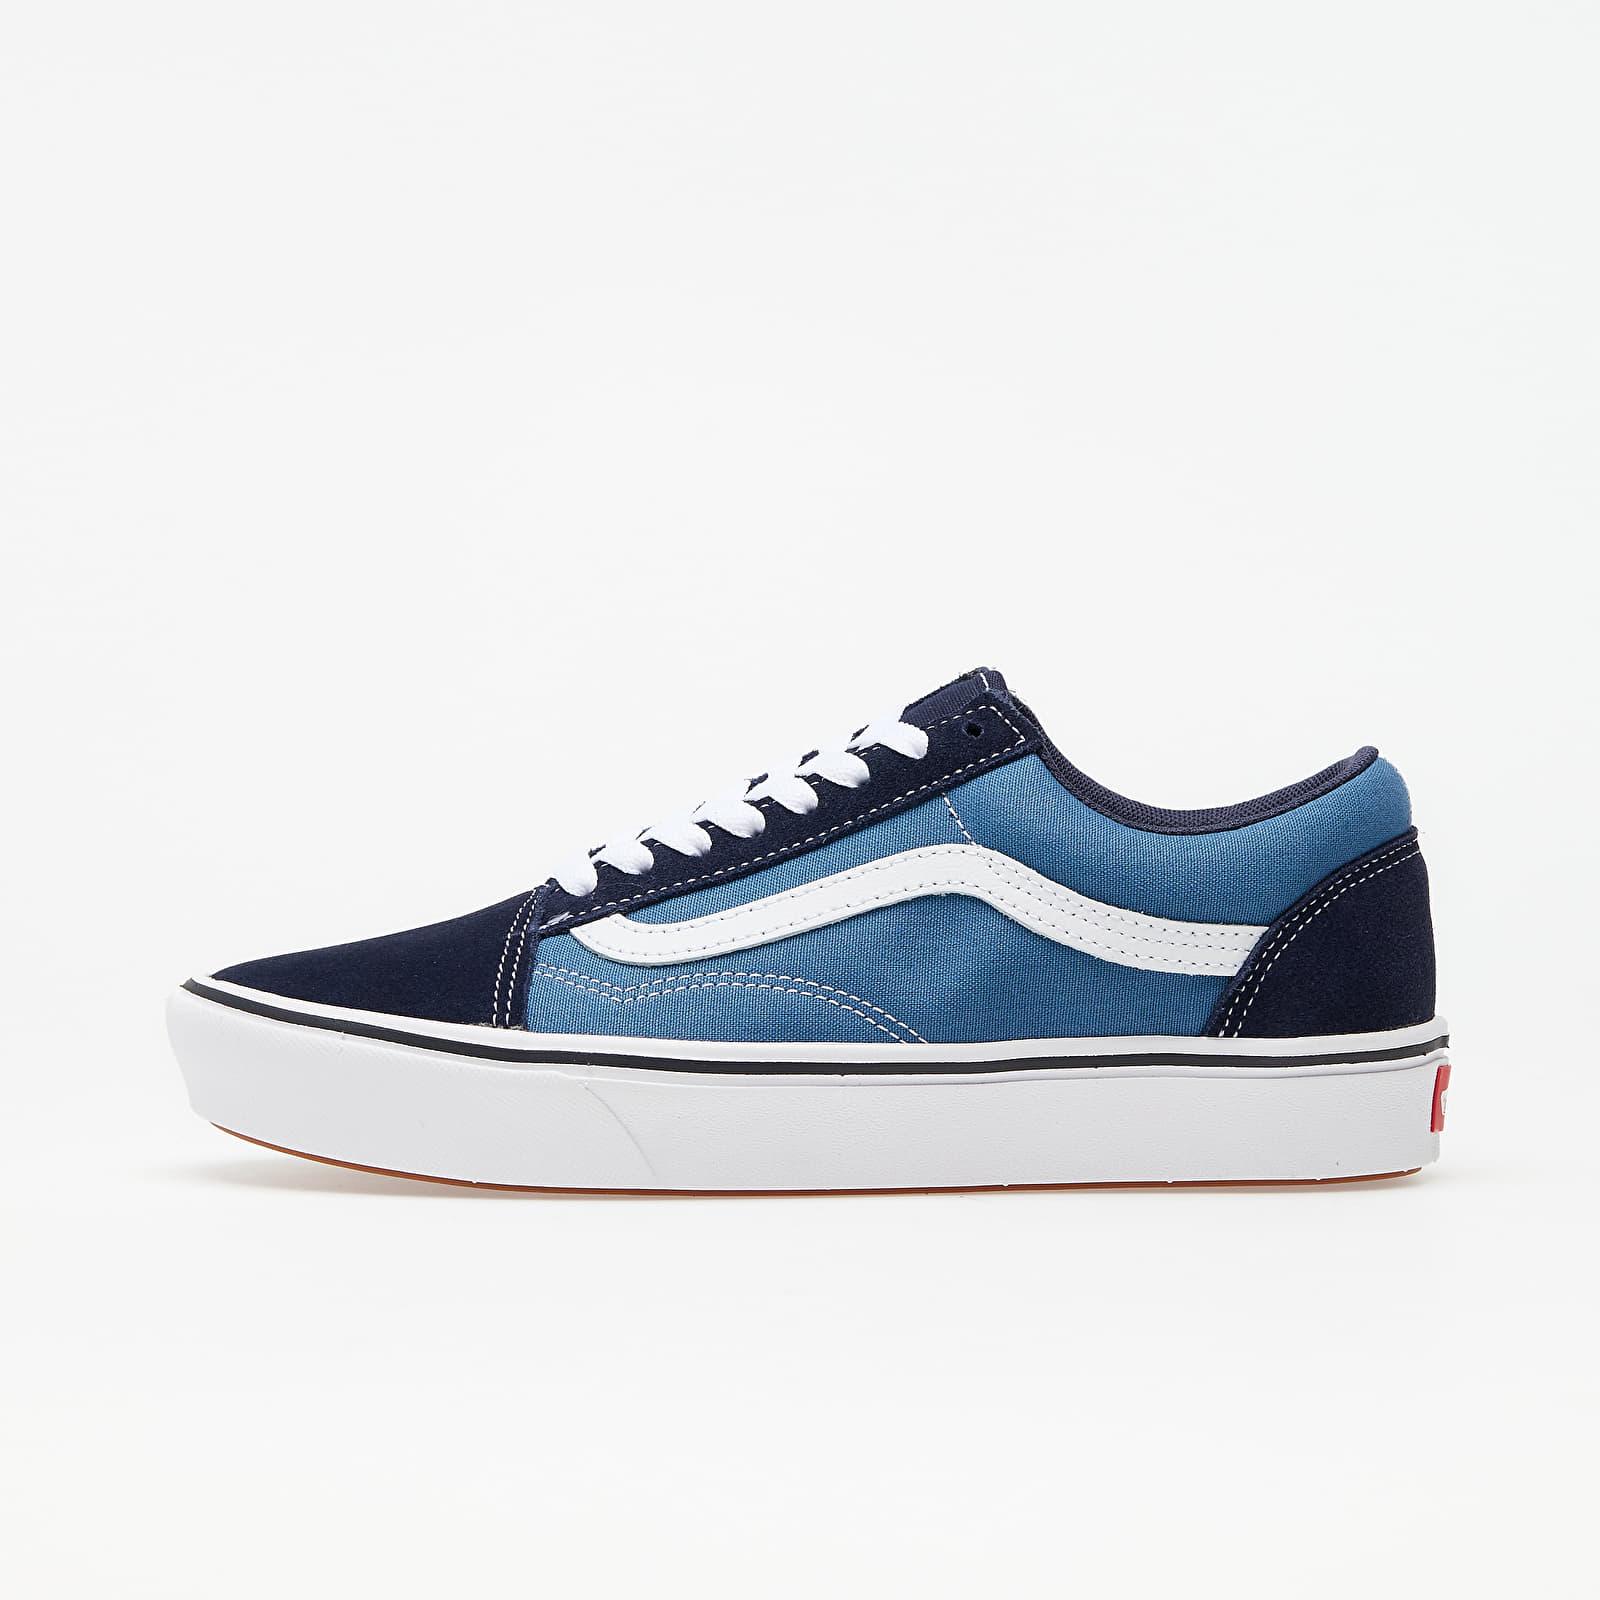 Men's shoes Vans ComfyCush Old Skool (Classic) Navy/ Stv Navy